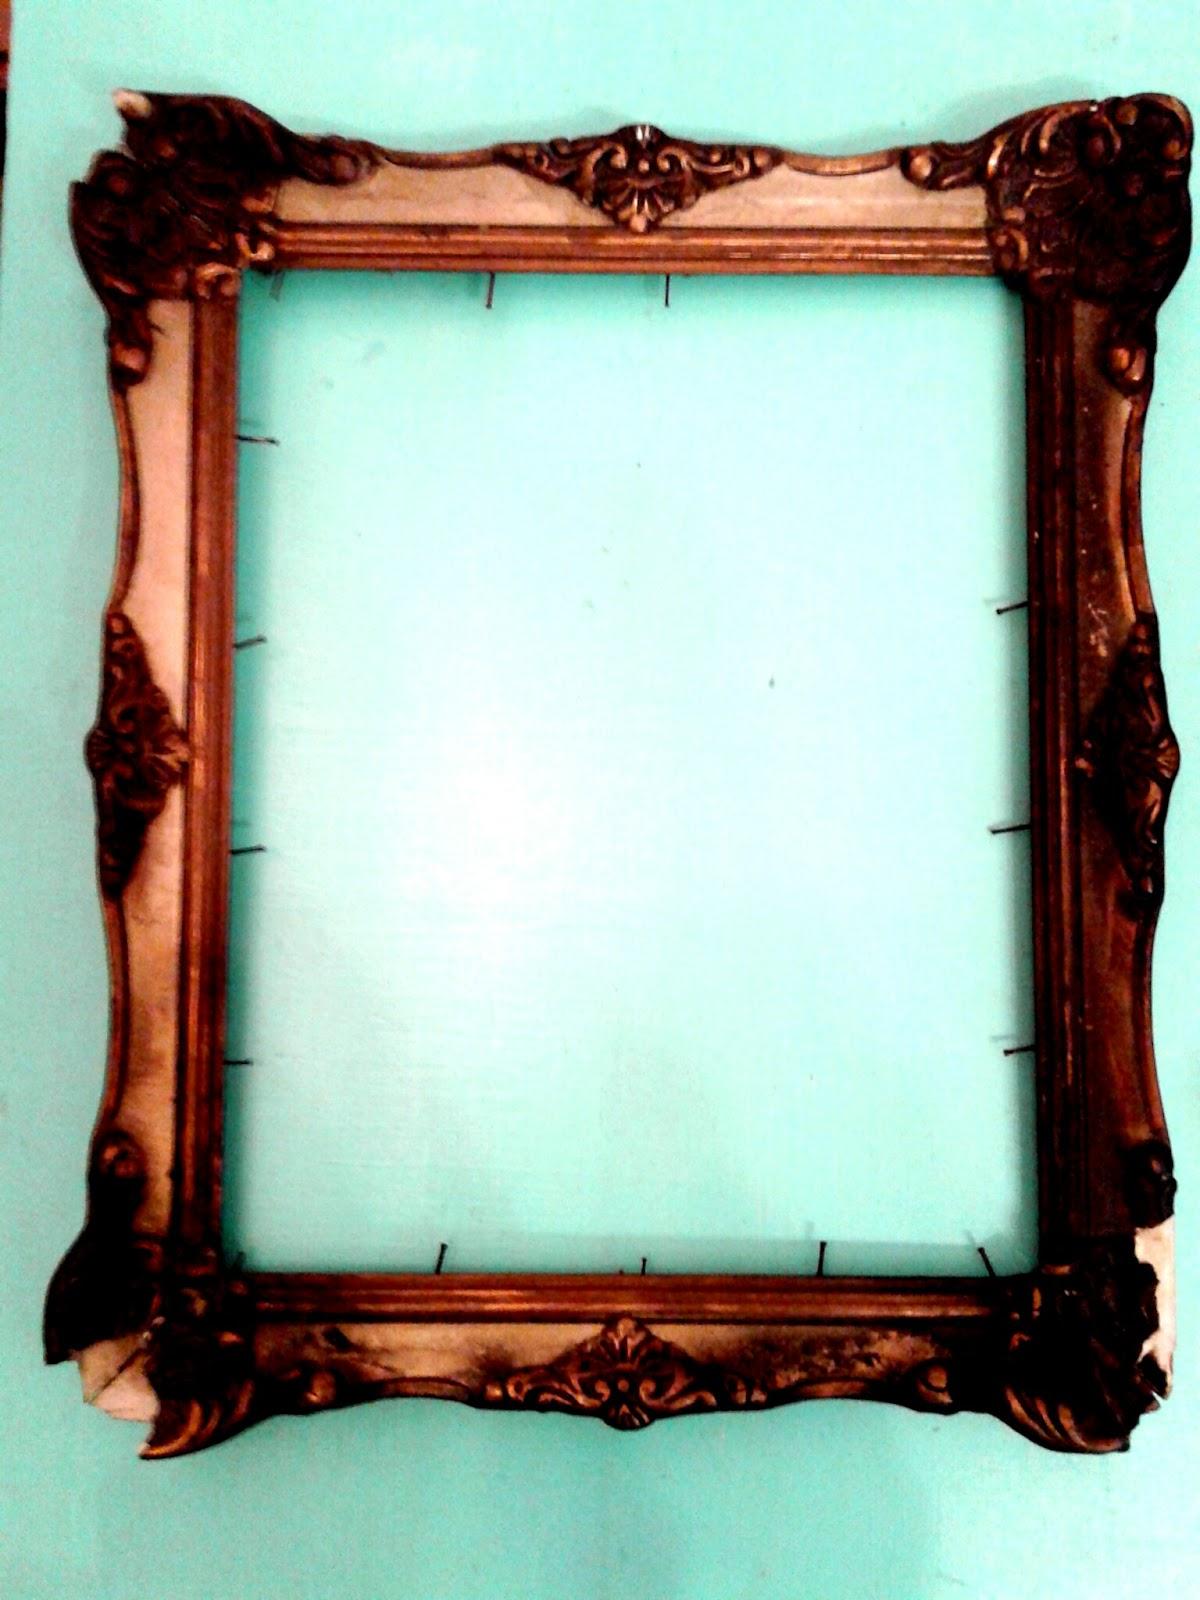 La Bladousse Restauraciones : Se quemó el marco, ahora qué hago?